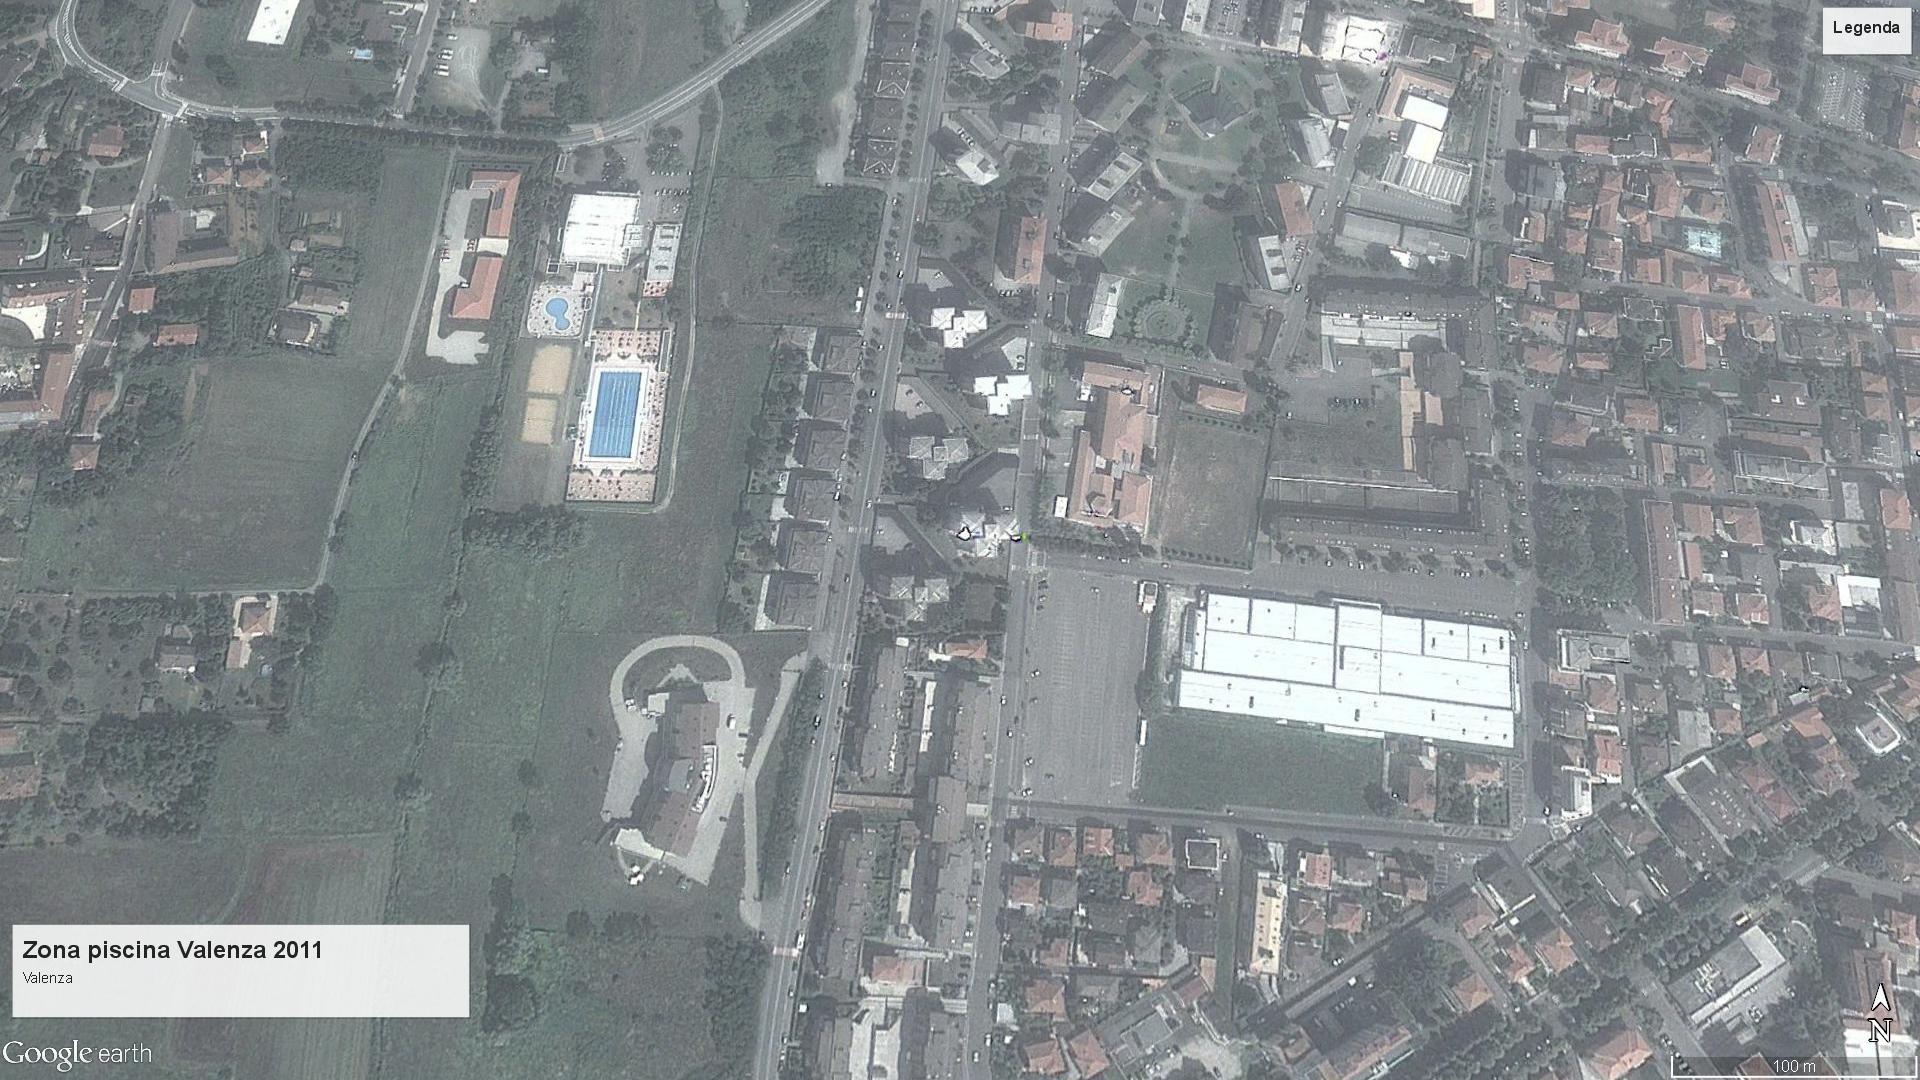 Valenza zona piscina 2011